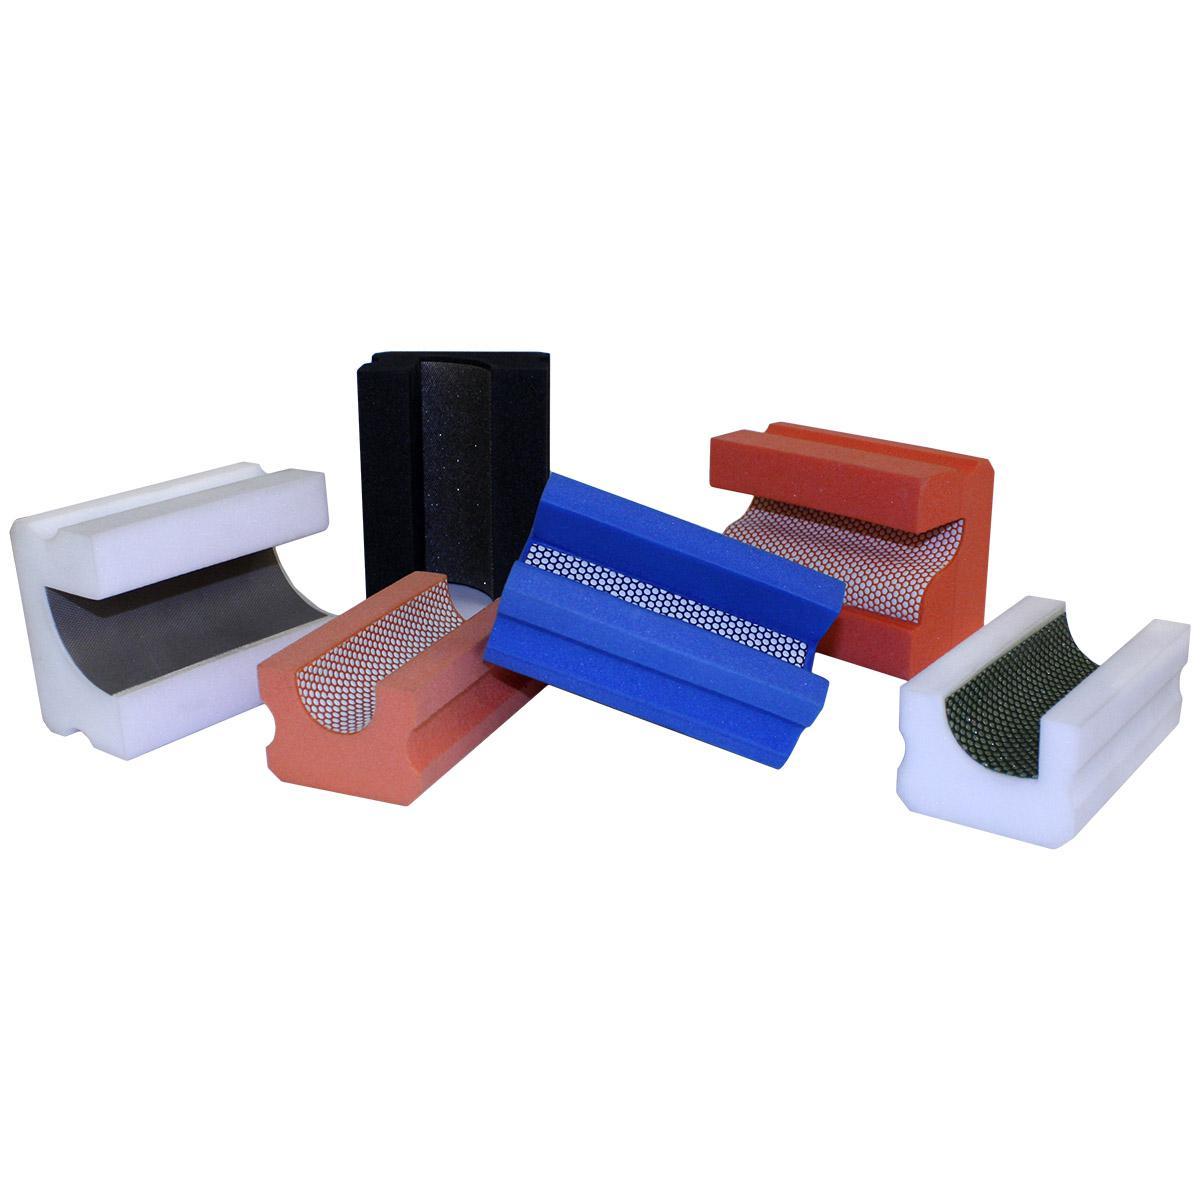 Затир ручной (профиль V) h-30 мм, зерно 8000 (оранжевая, полимер)